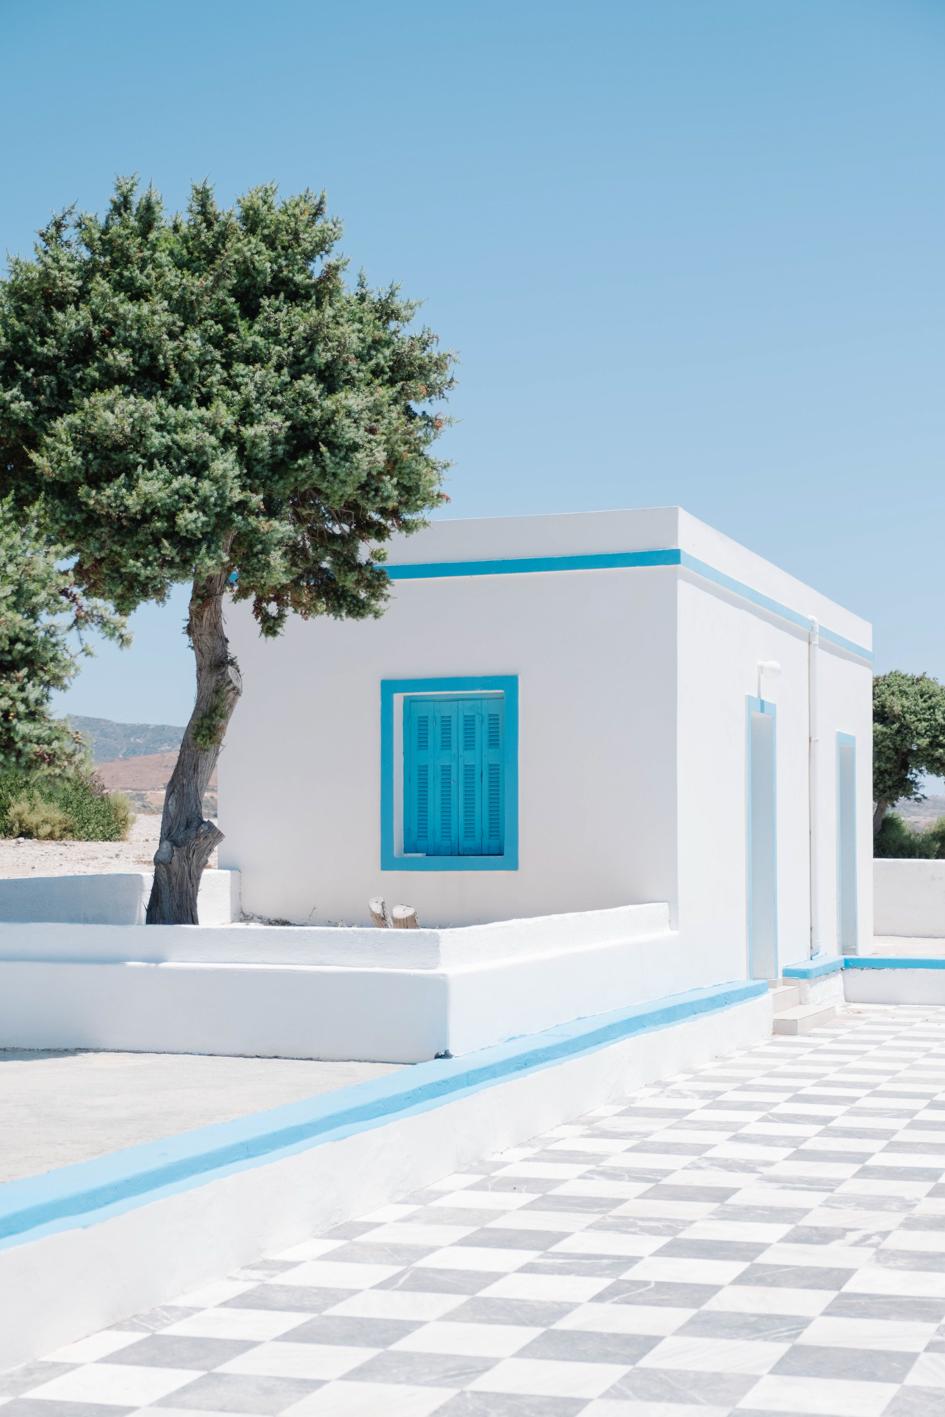 GREECE MILOS BY VIA TOLILA